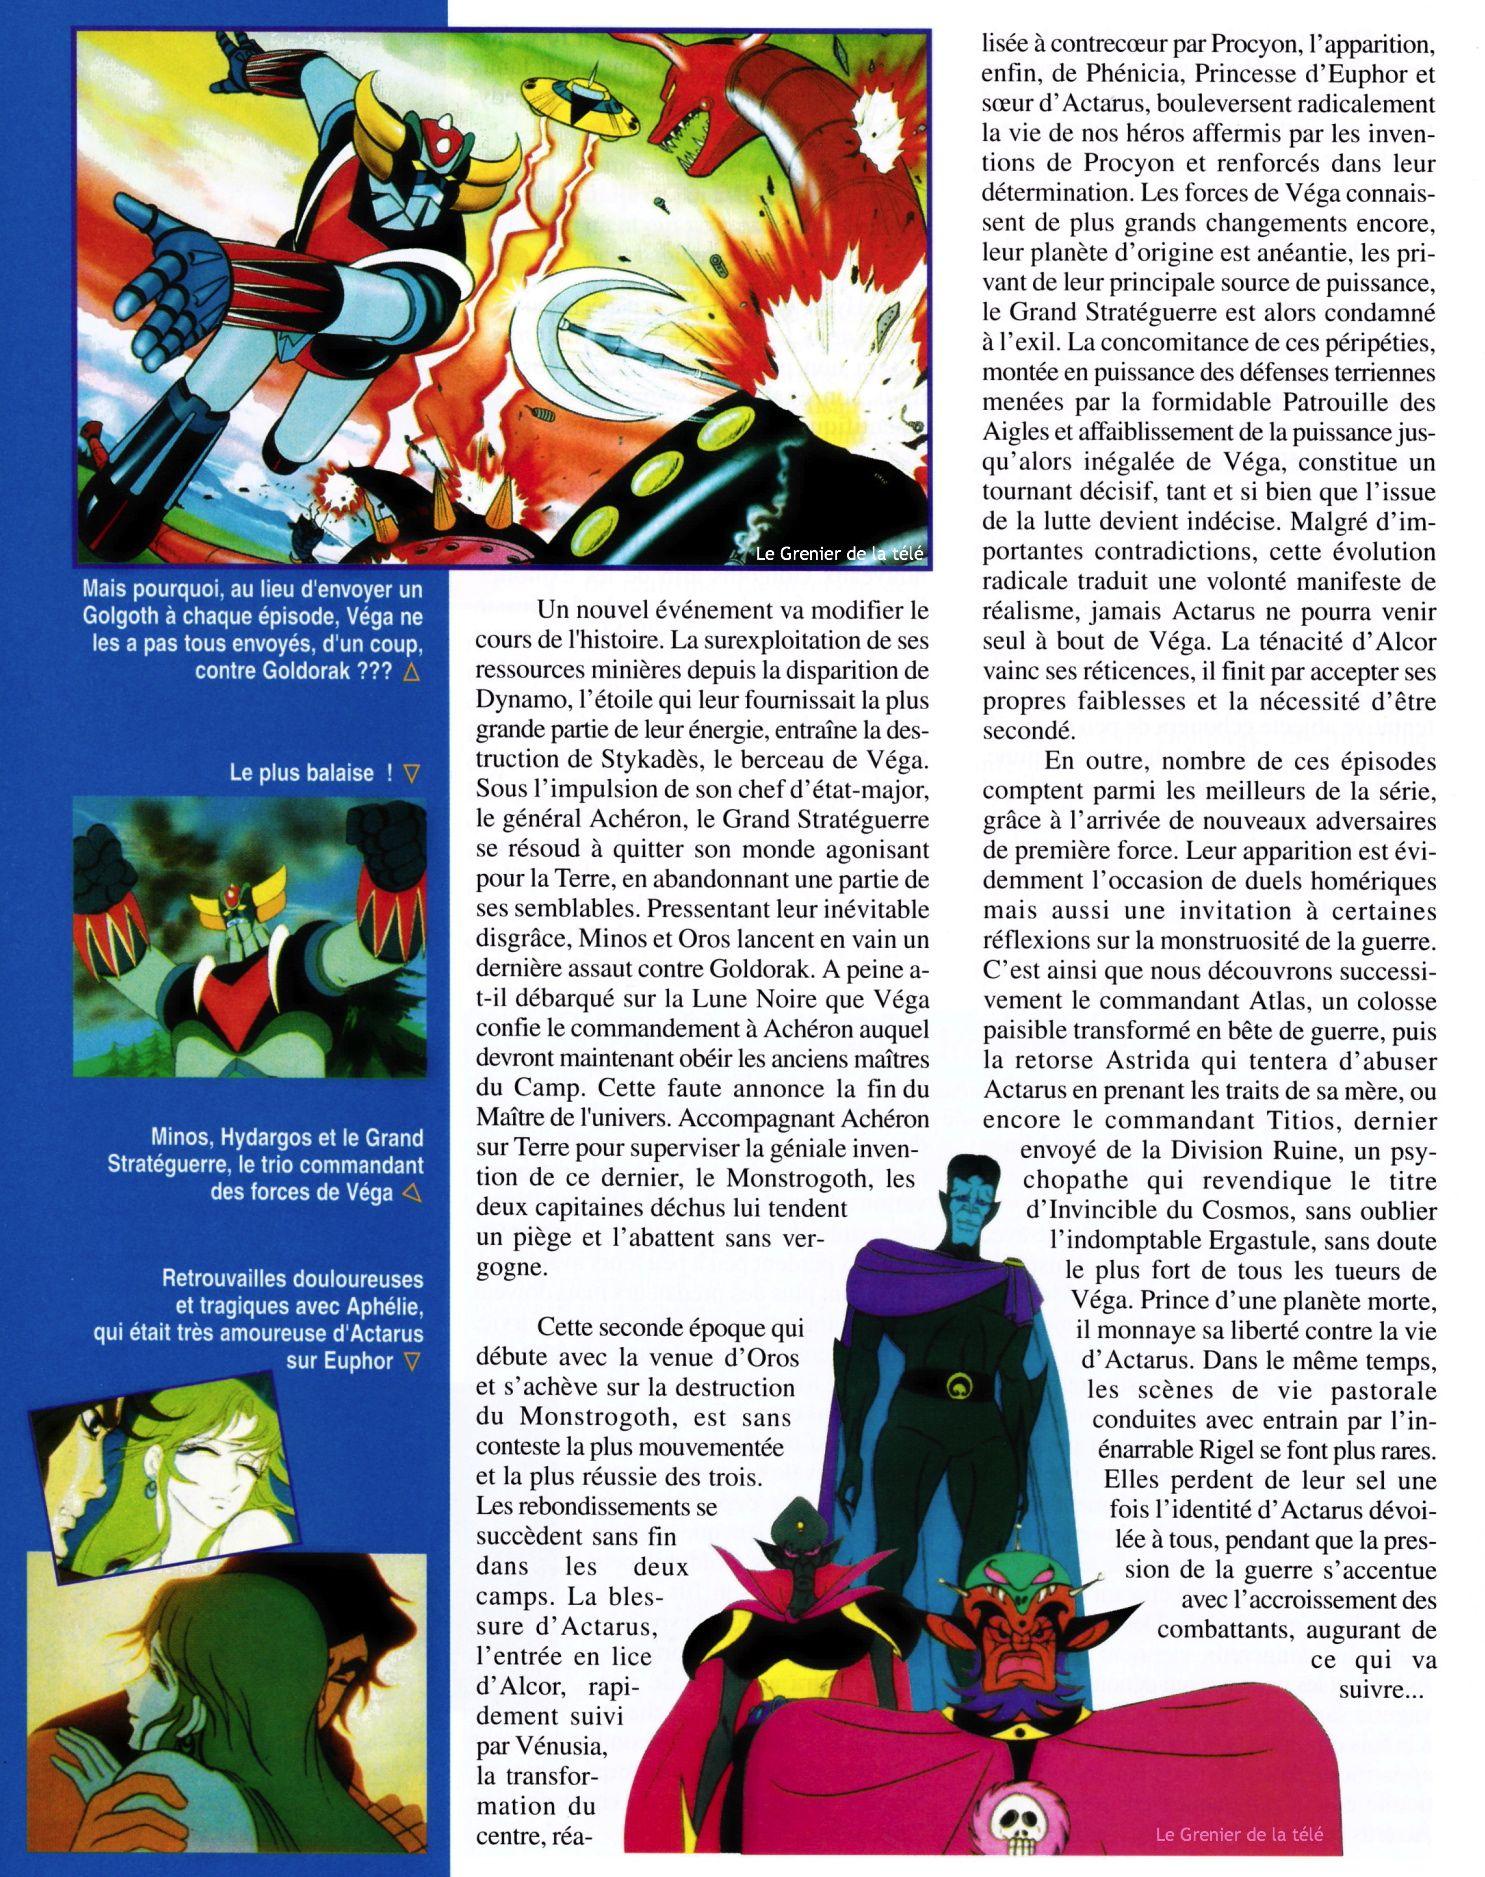 http://grenierdelatv.free.fr/2/goldorakalhs1997e.jpg